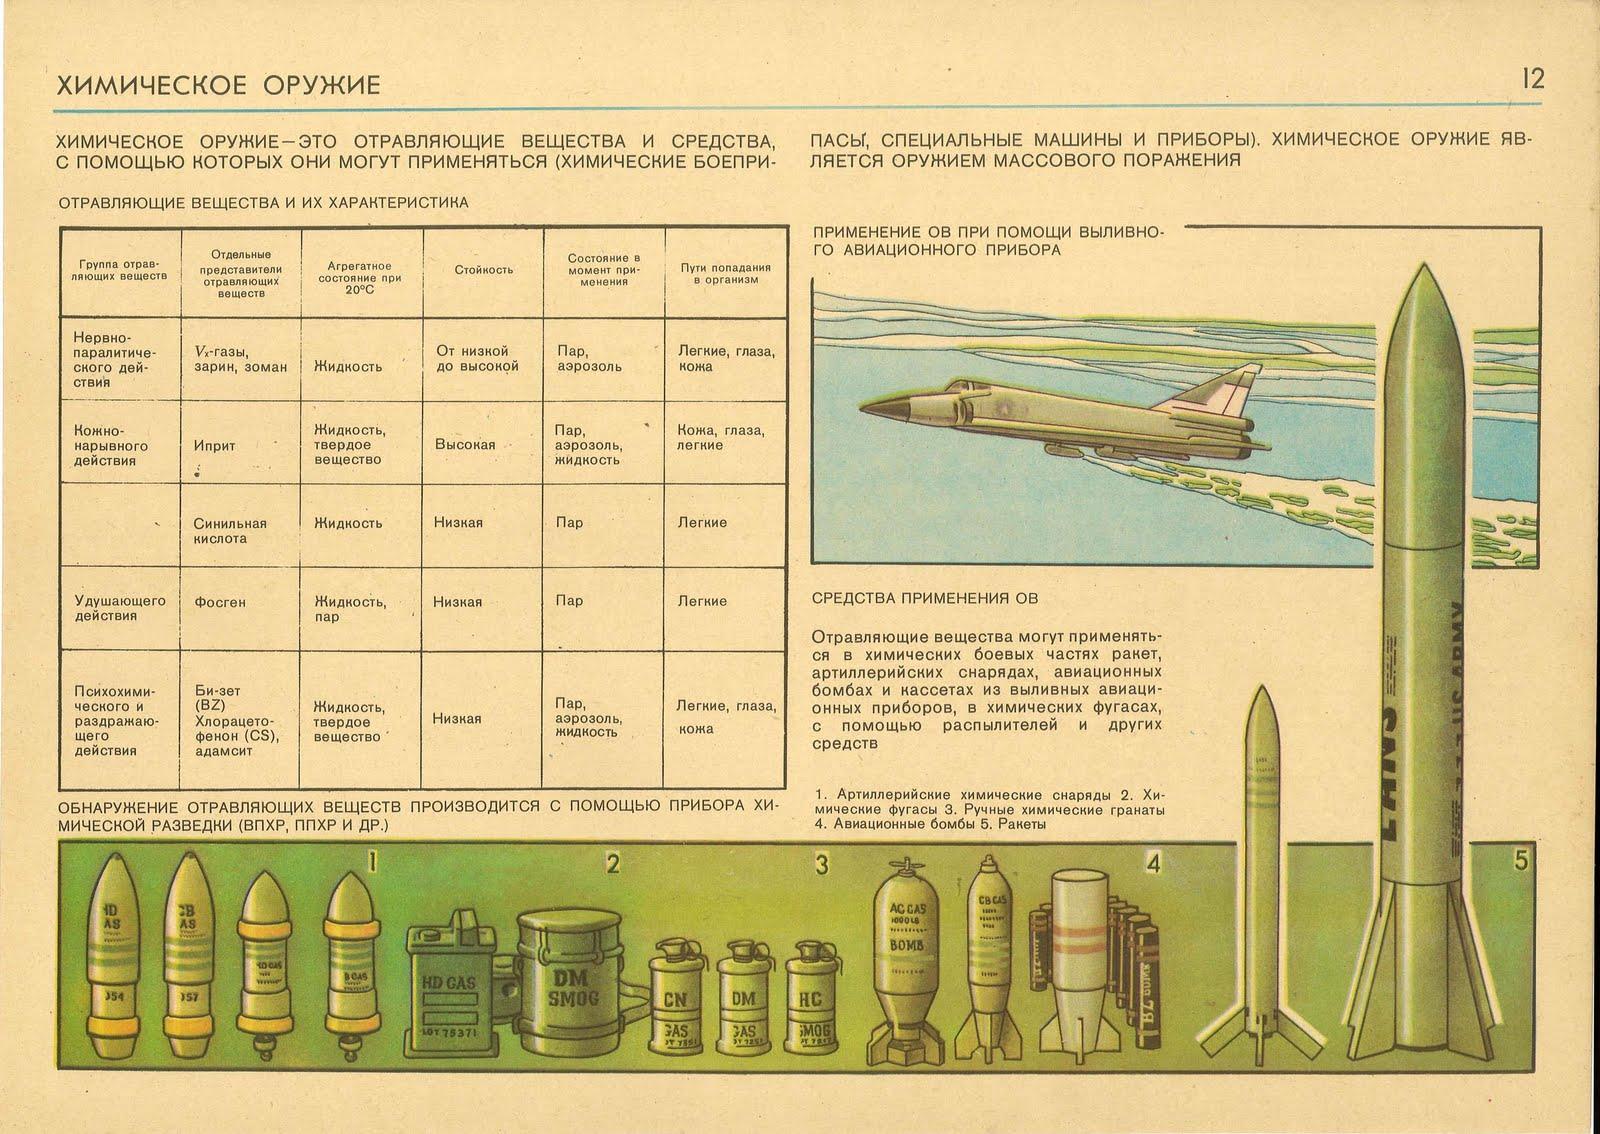 Химическая атака: последствия. химическое оружие: поражающие факторы и меры защиты